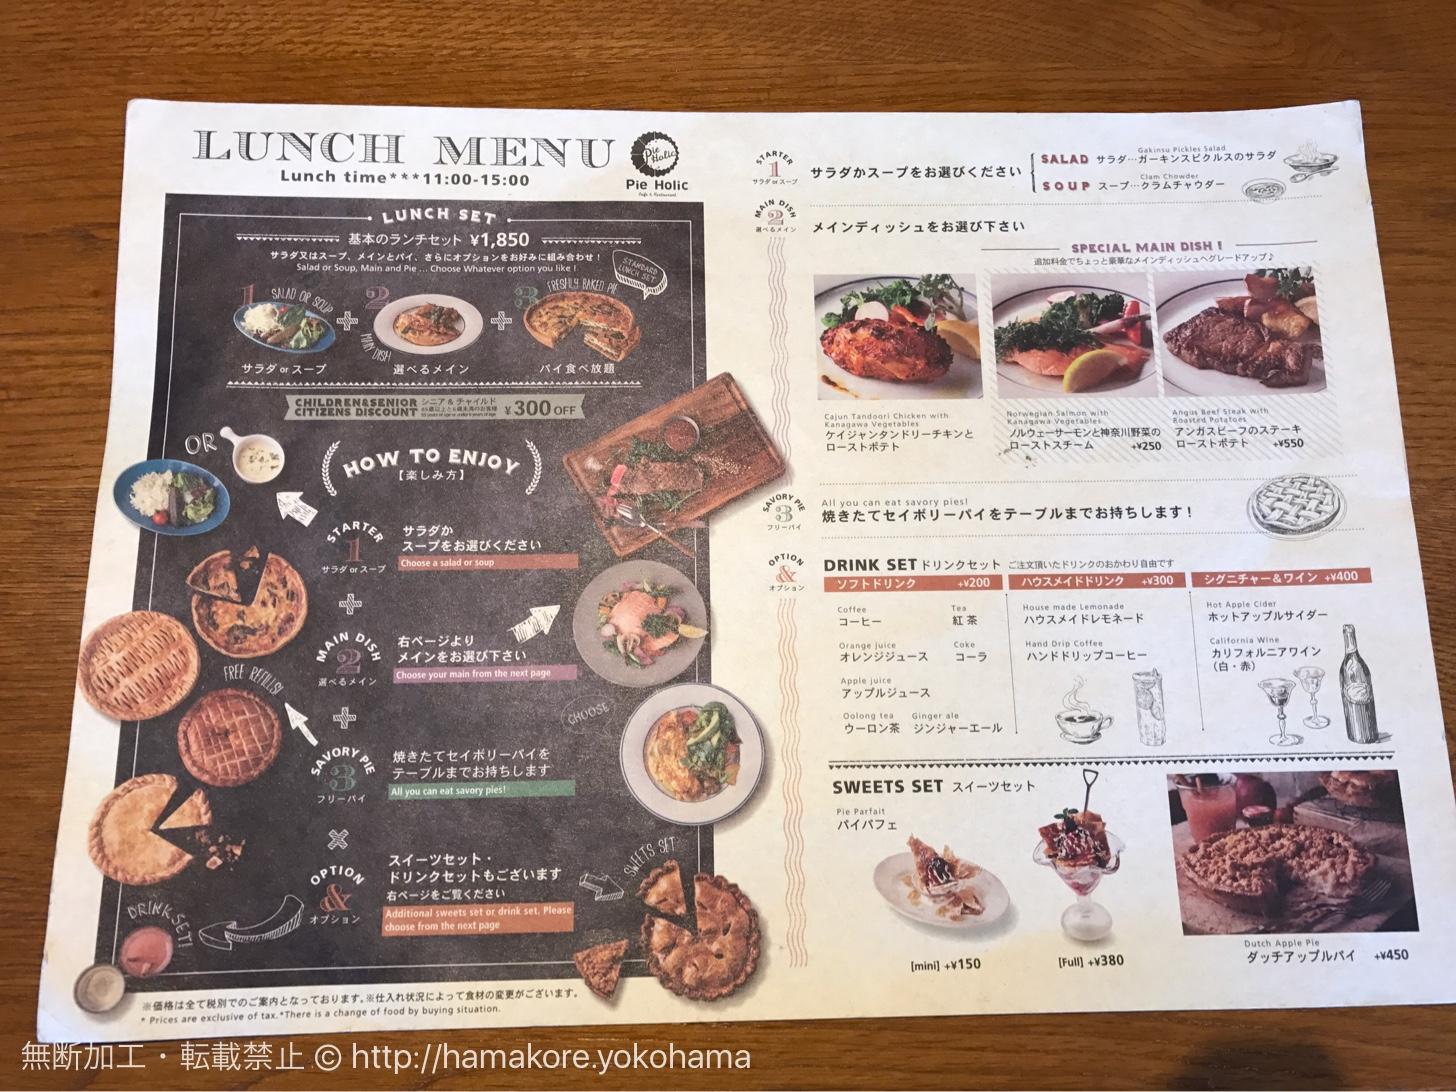 ランチタイム限定・パイ食べ放題のメニュー